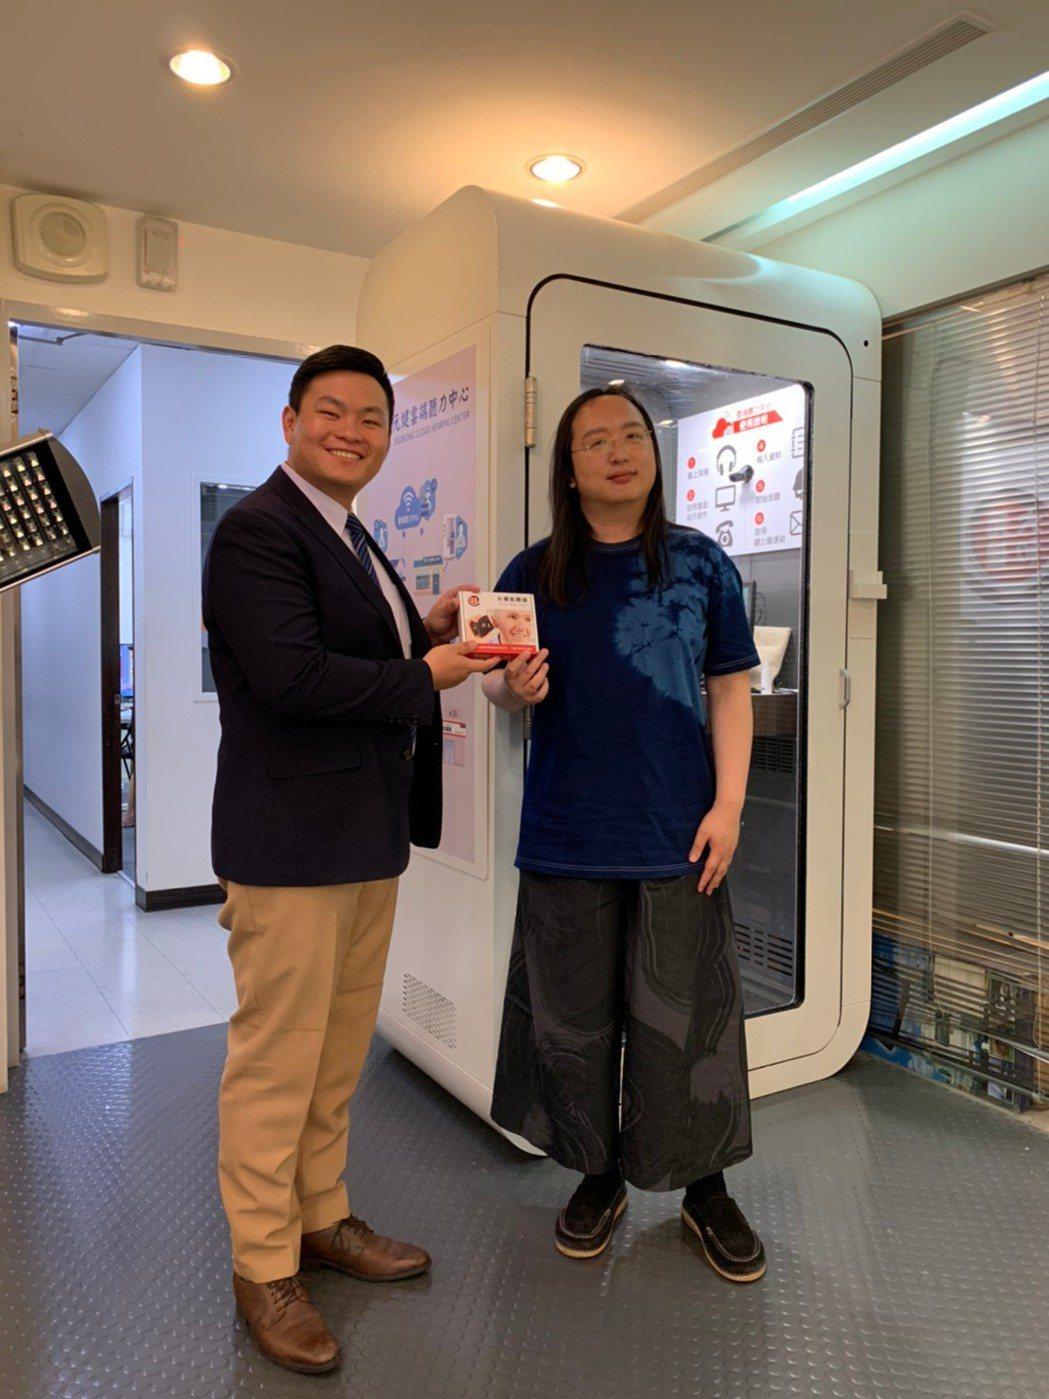 吳少暉(左)與唐鳳一同推廣助聽器的重要性。業者/提供